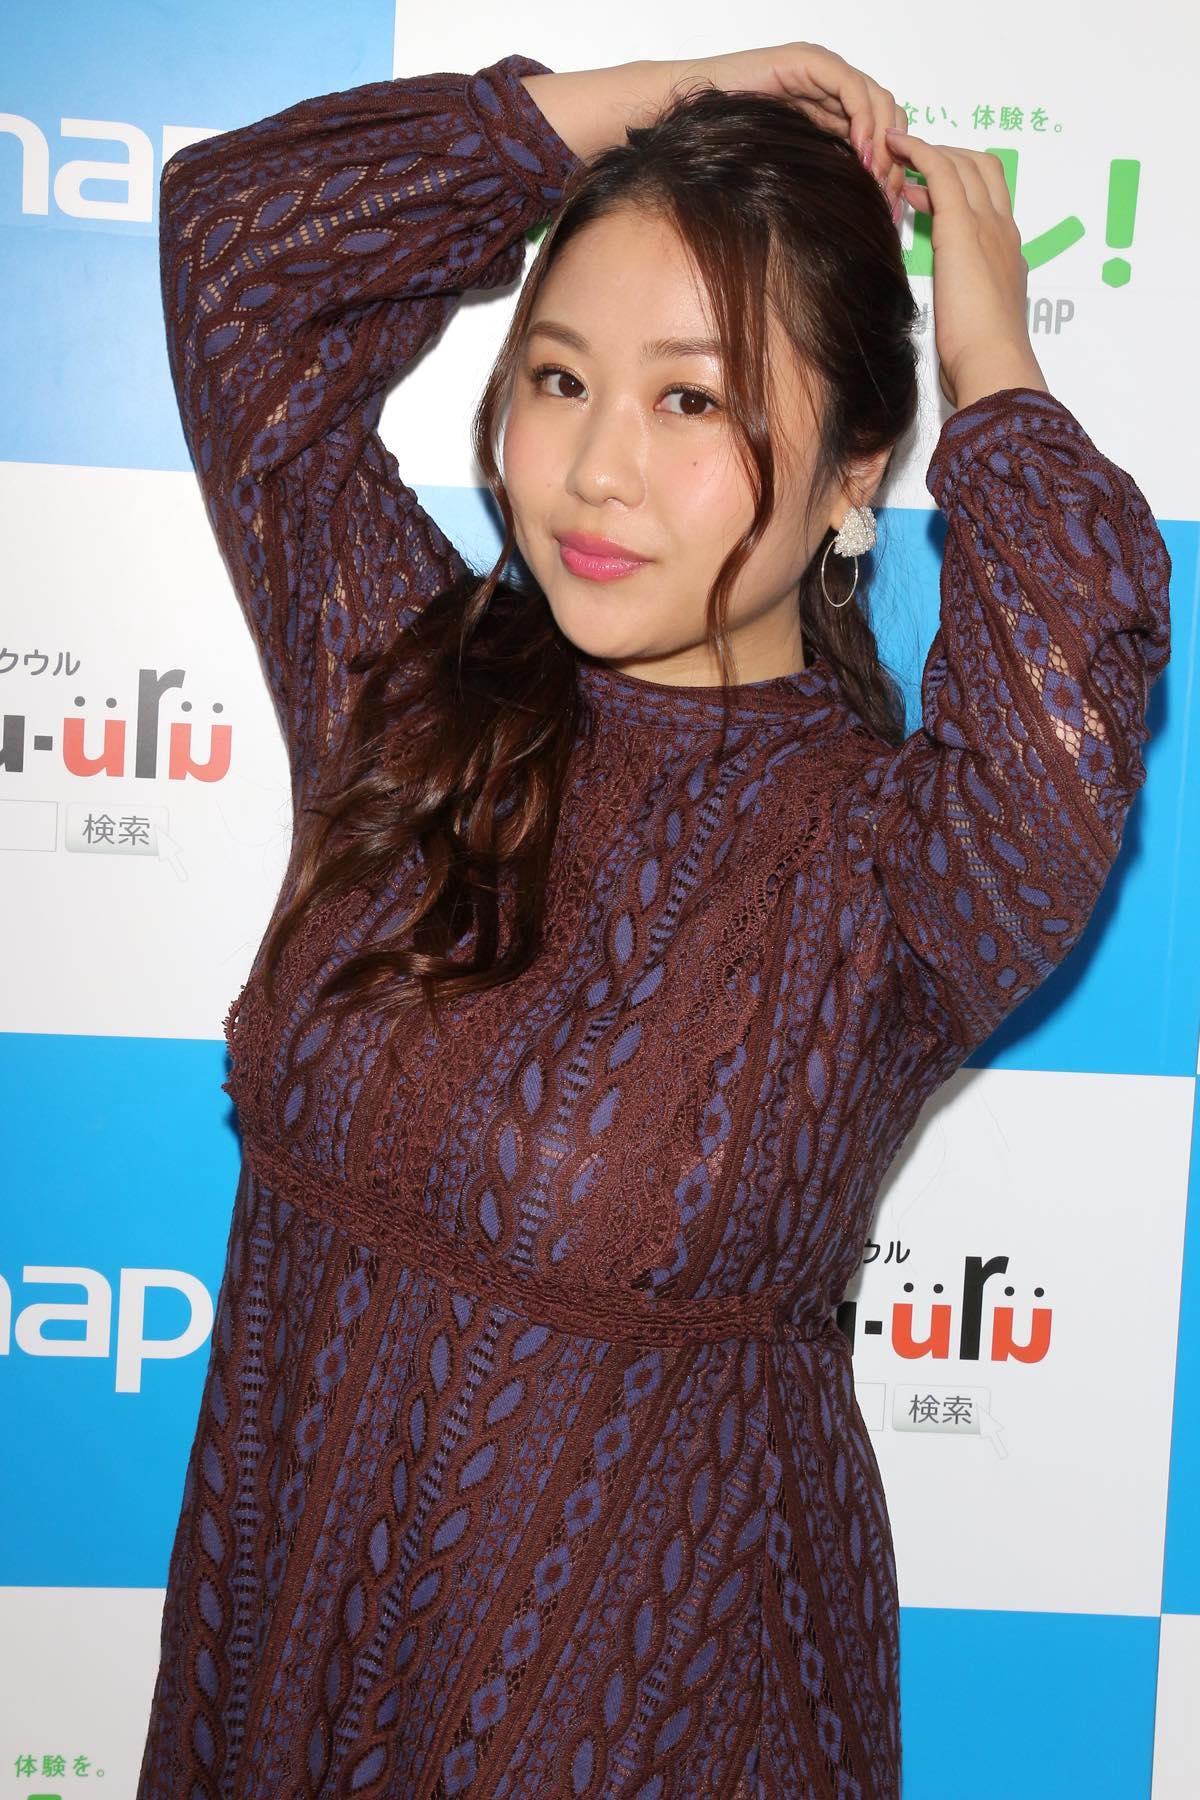 西田麻衣「きわどい水着が多かった」44枚目のDVDでも攻めまくり!【写真37枚】の画像015